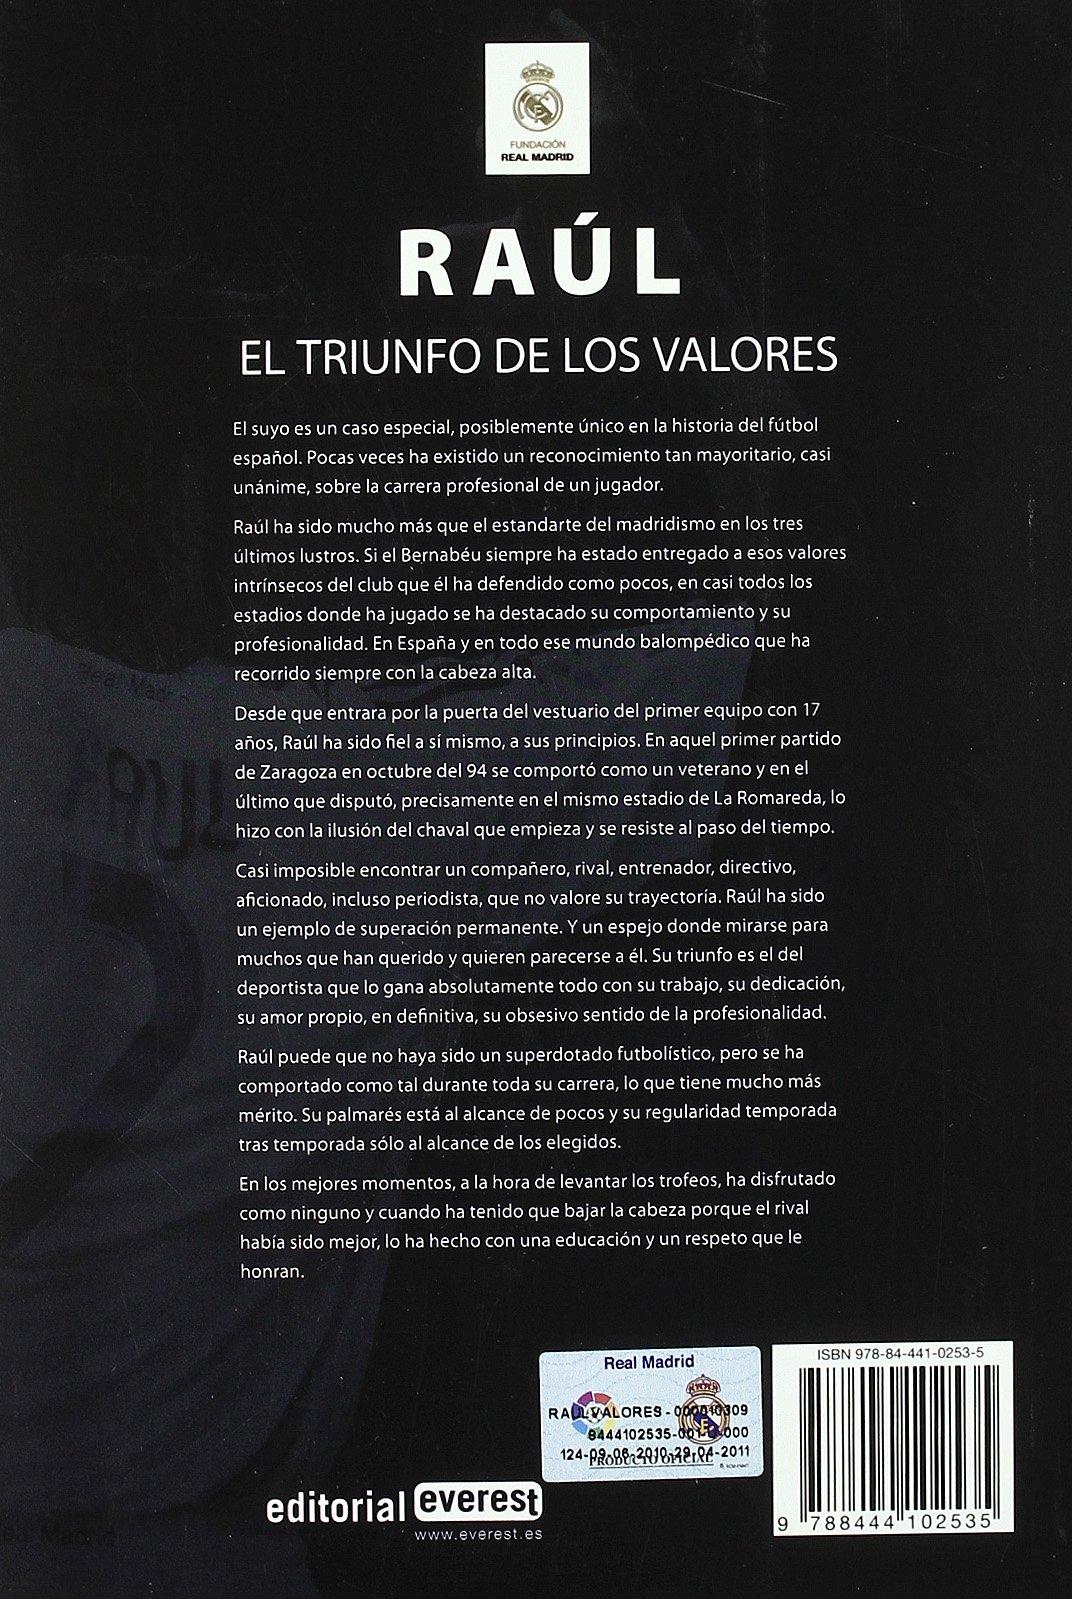 Raúl. El triunfo de los valores Biografías Real Madrid: Amazon.es: Ortego Rey Enrique: Libros